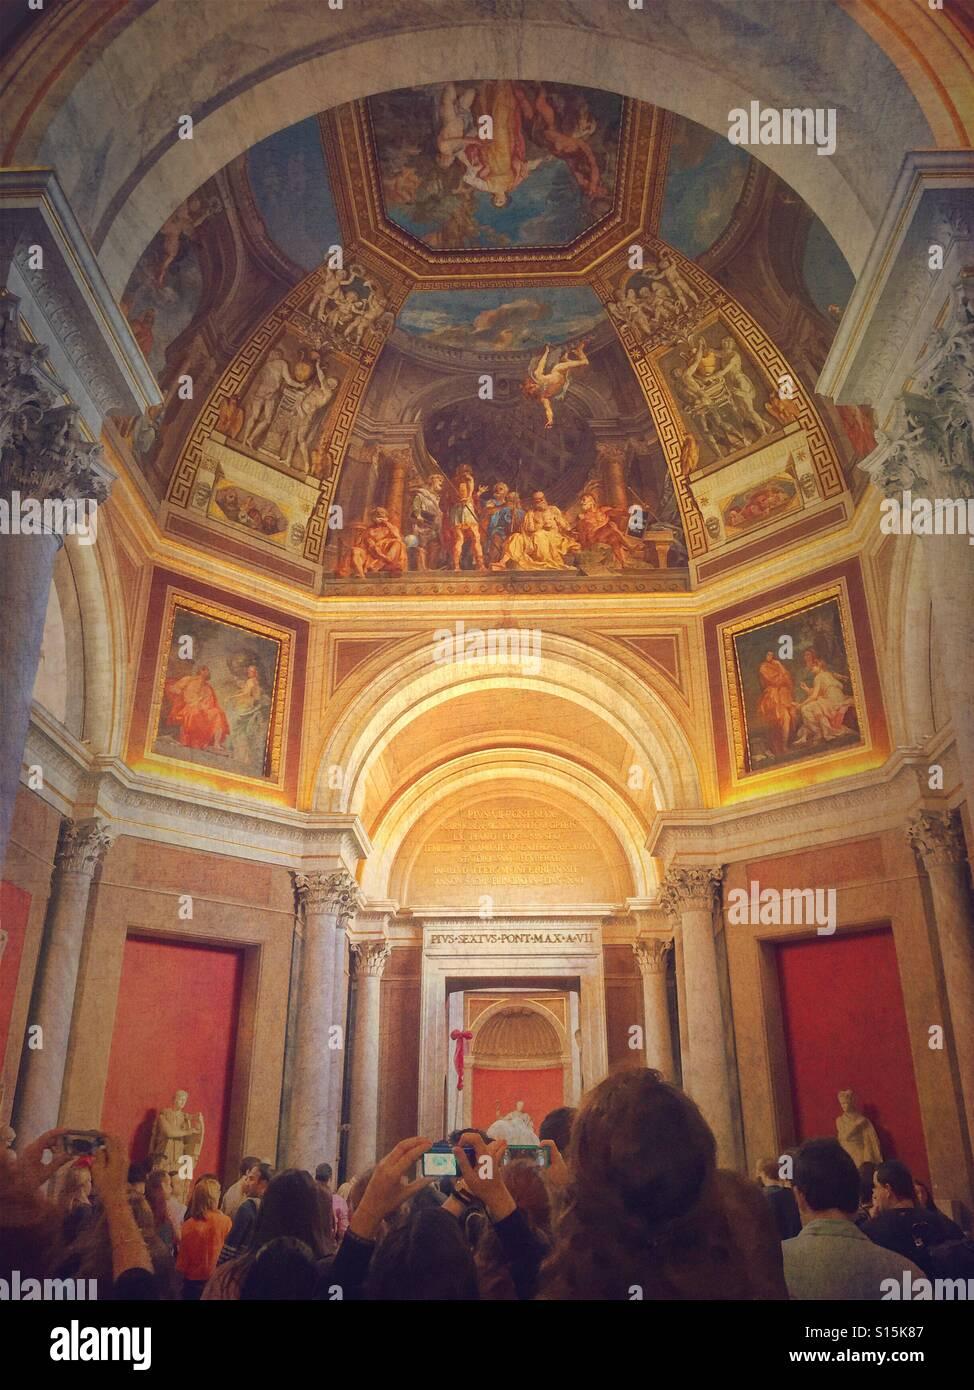 Foule de prendre des photos de fresques à l'intérieur du musée du Vatican. Banque D'Images